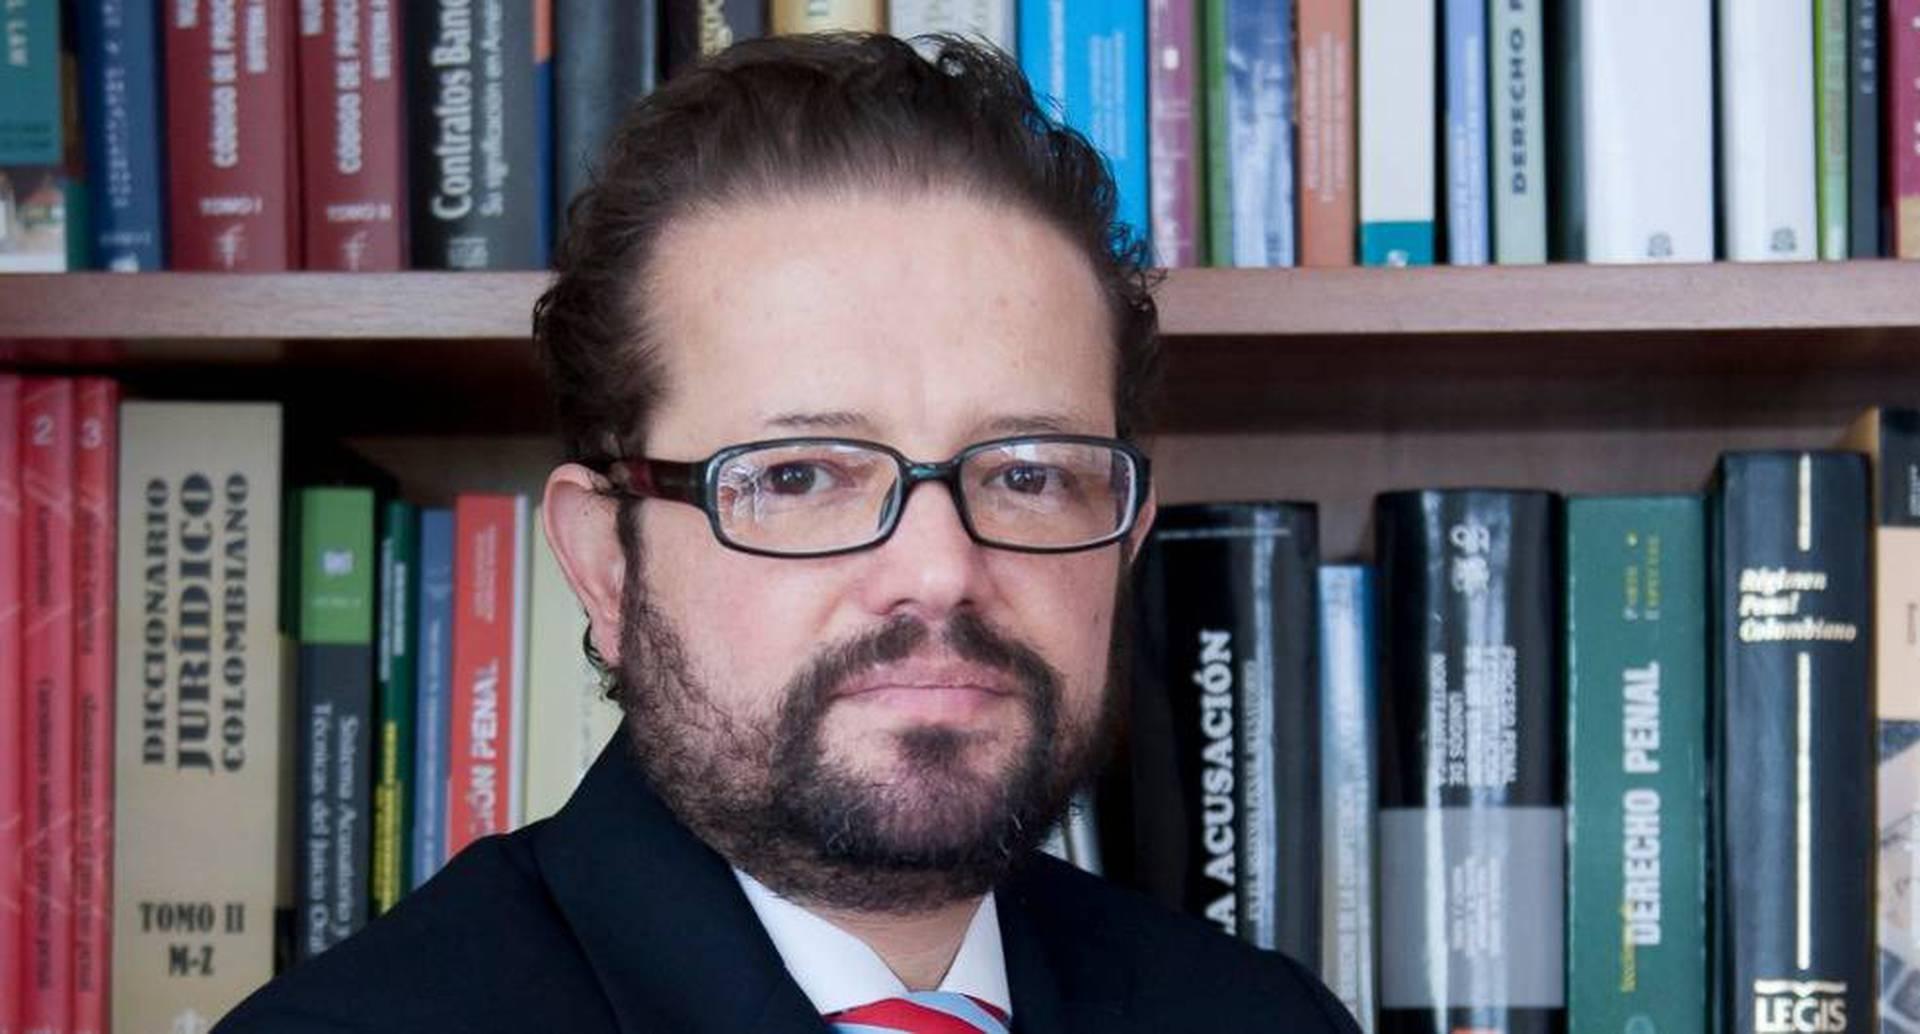 Para el abogado Fabio Humar, las leyes actuales son un desafío para las empresas y deben ser vistas como una oportunidad.